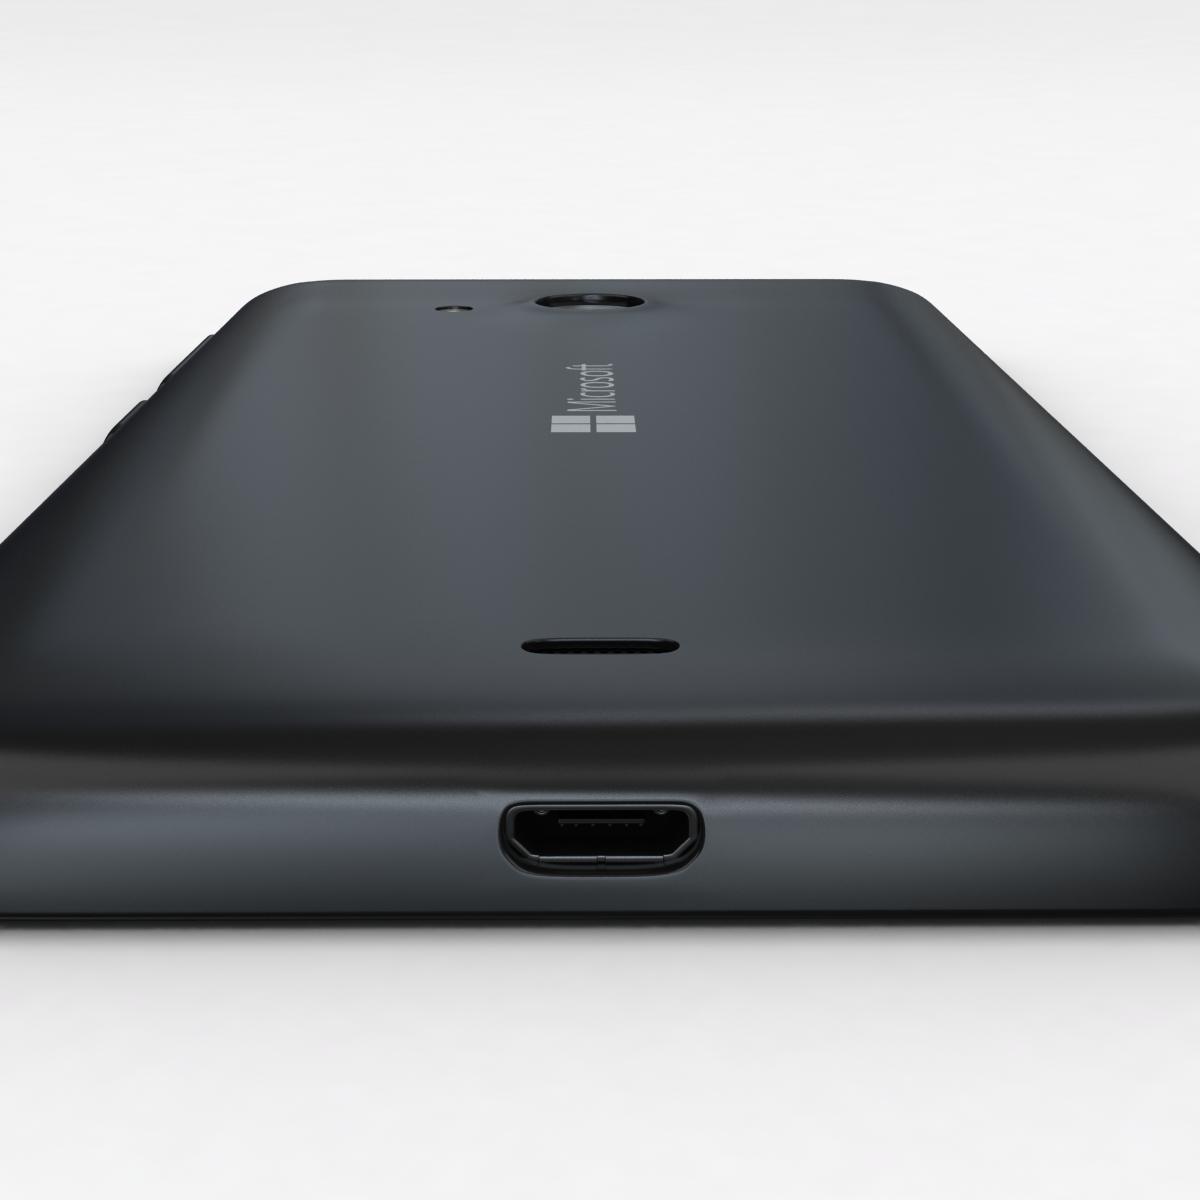 microsoft lumia 535 and dual sim all colors 3d model 3ds max fbx c4d obj 204708